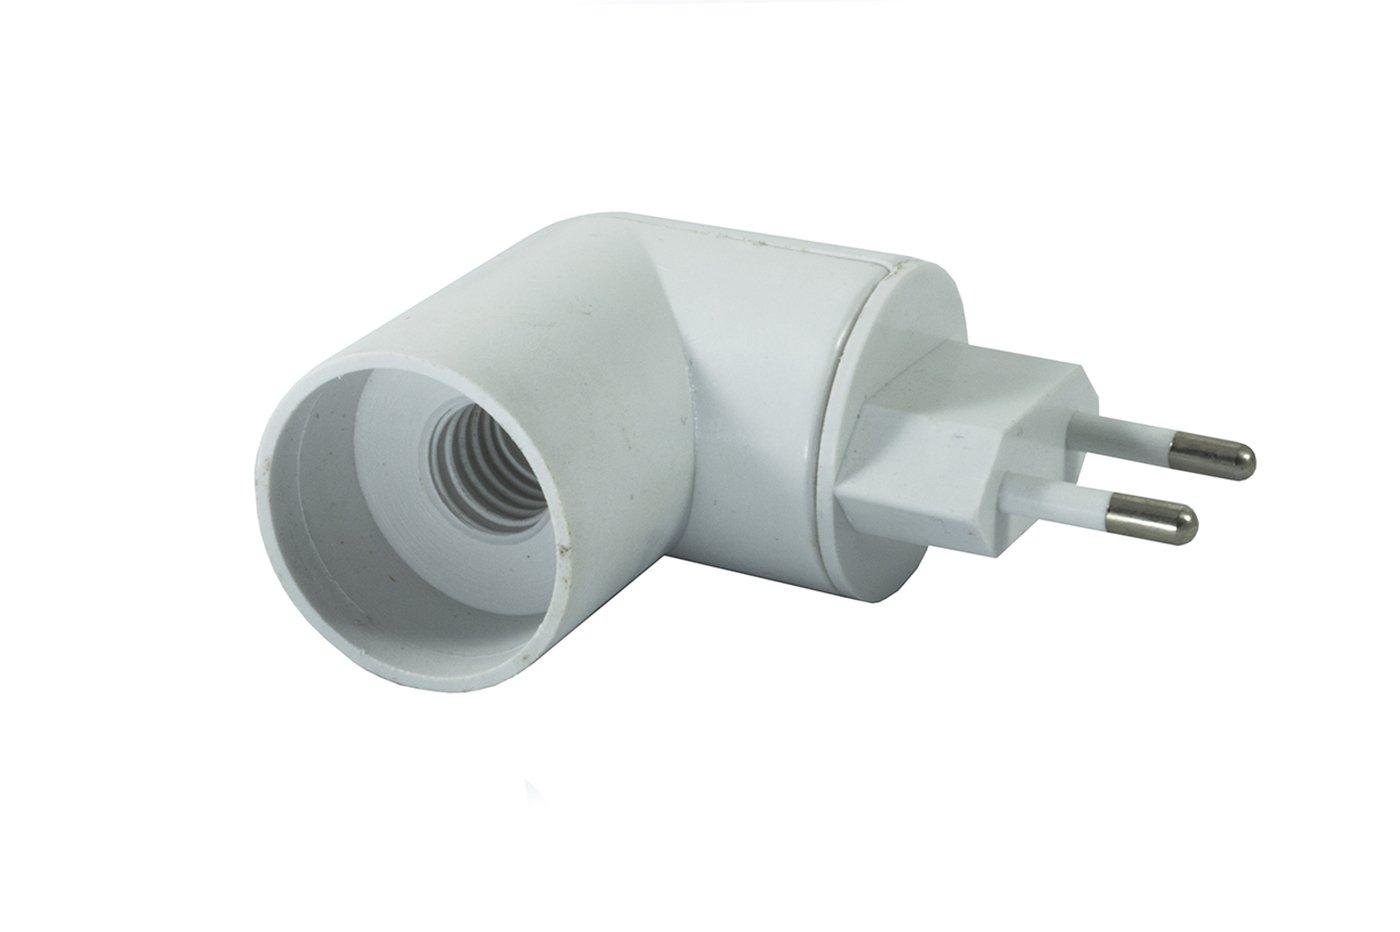 Fassung E14/mit Stecker drehbar Schalter ON OFF Adapter Lampenfassung